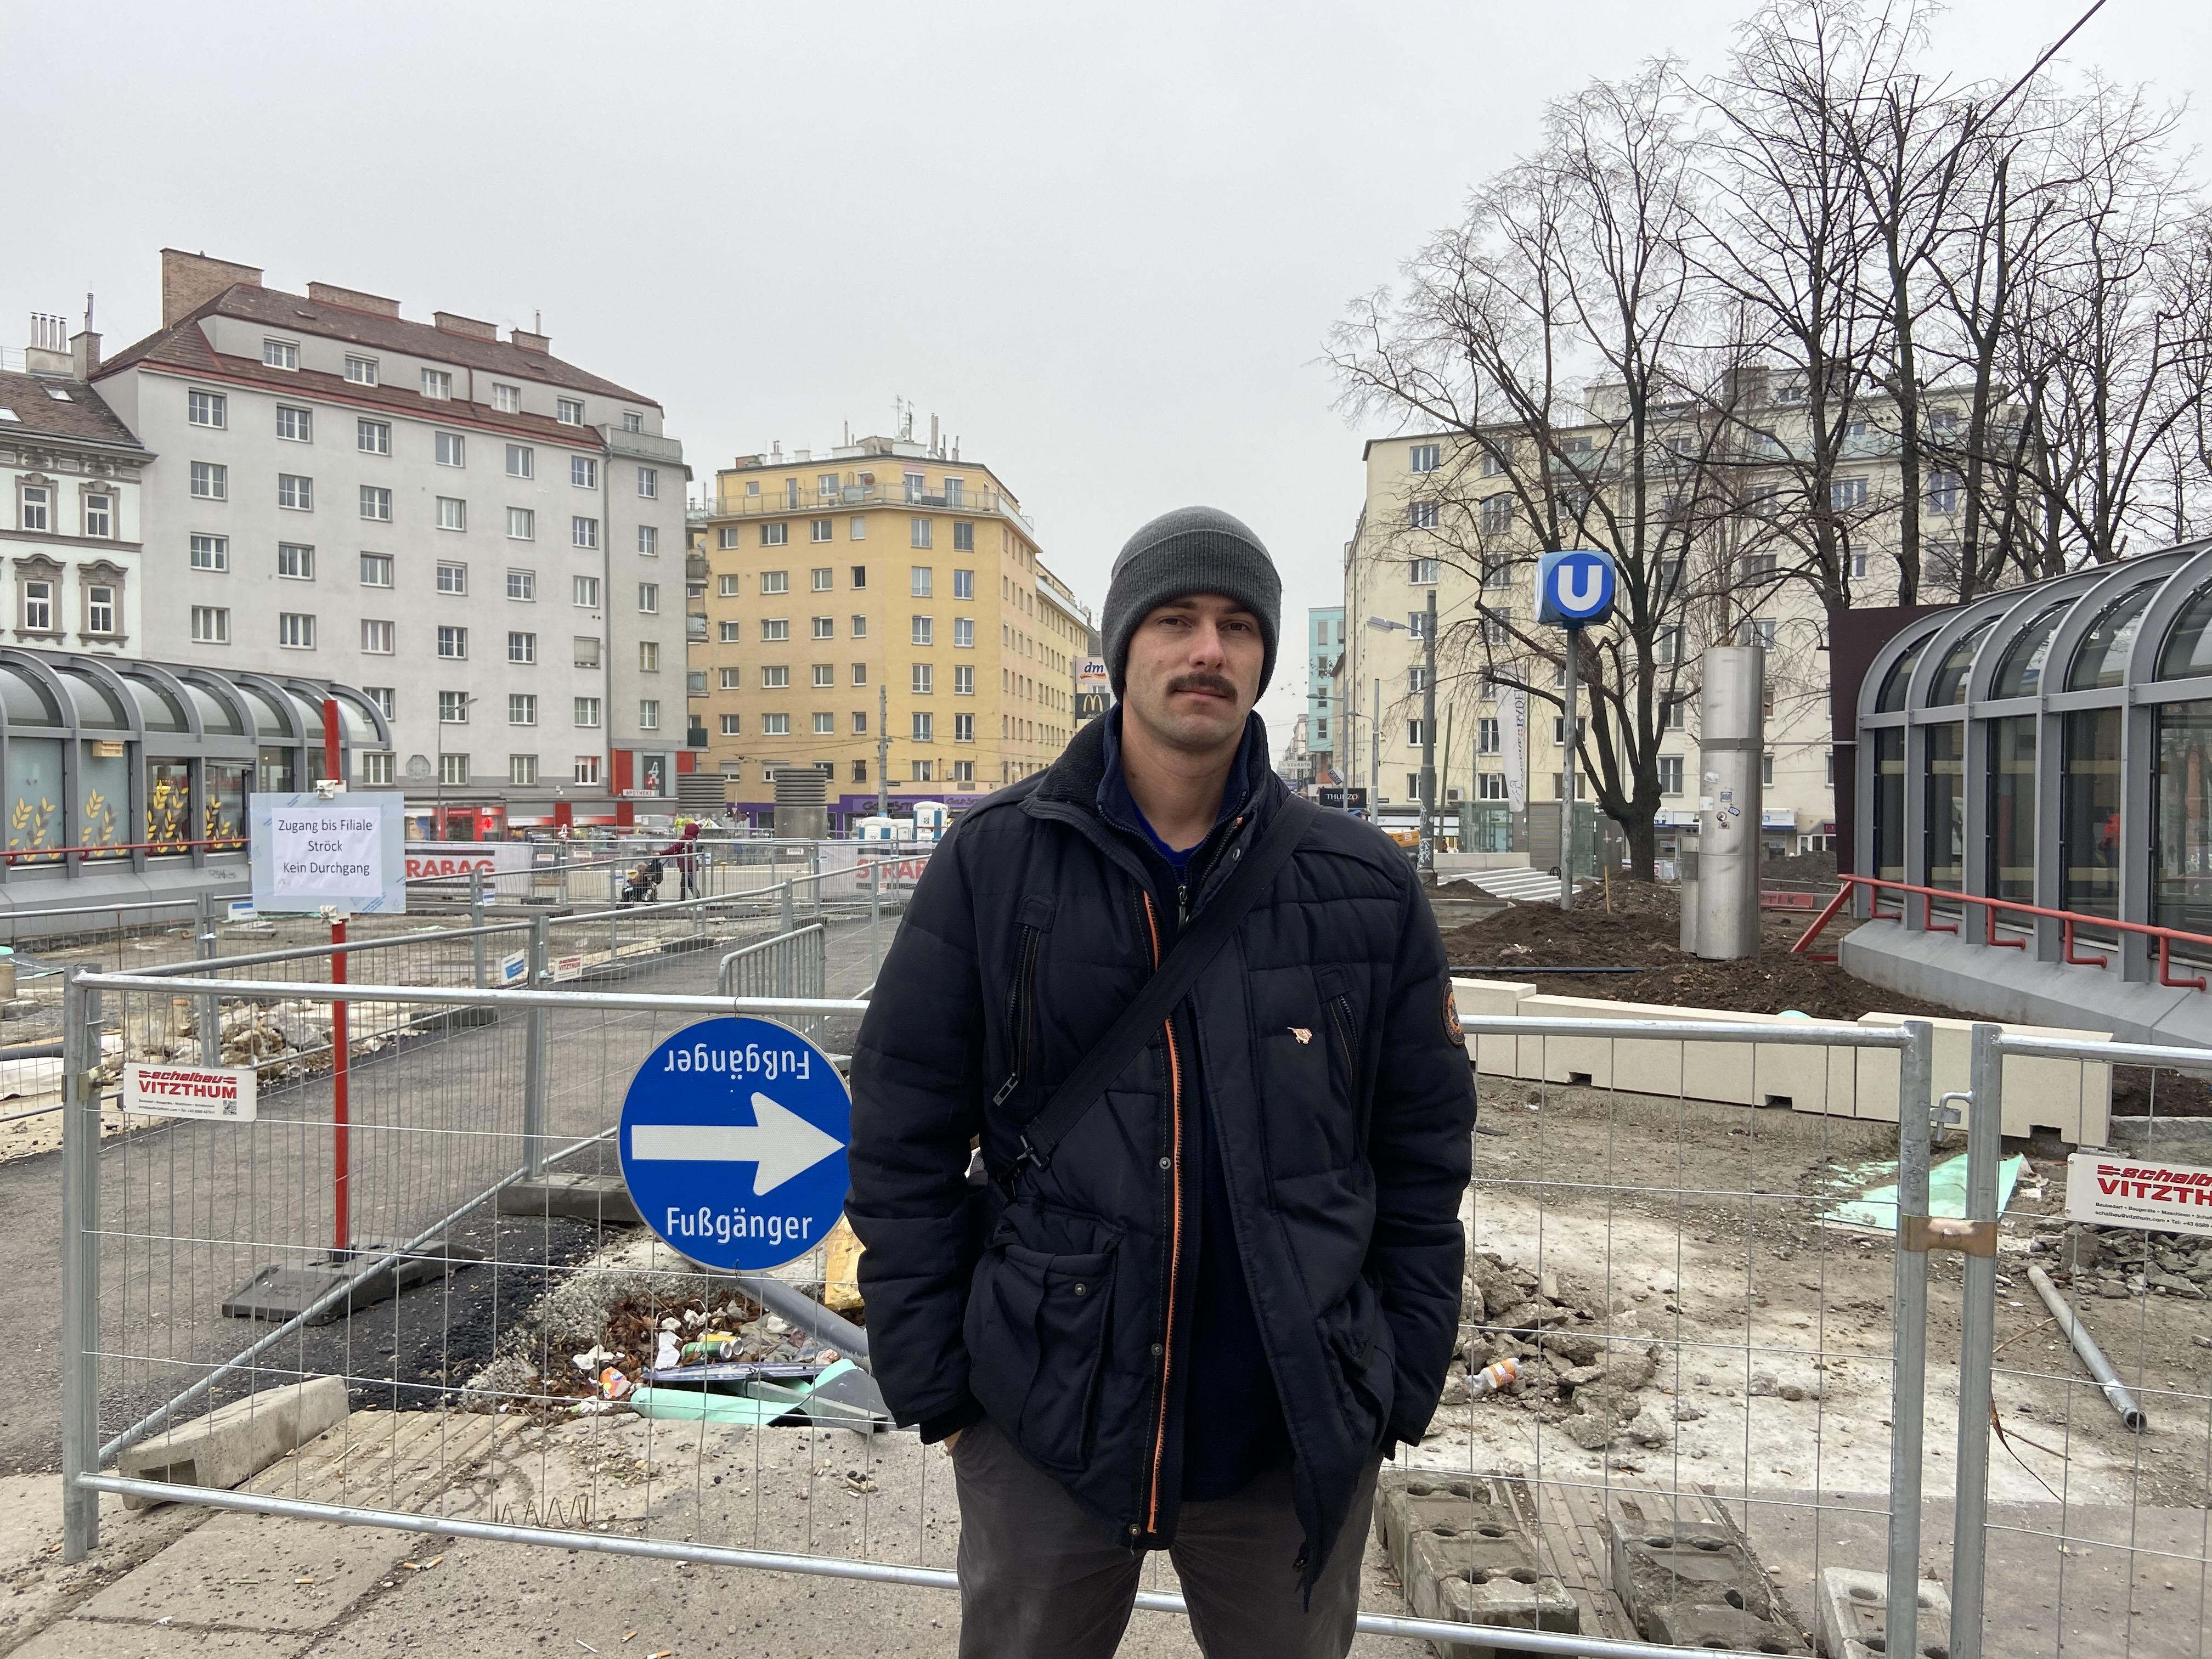 Silvester Reumannplatz